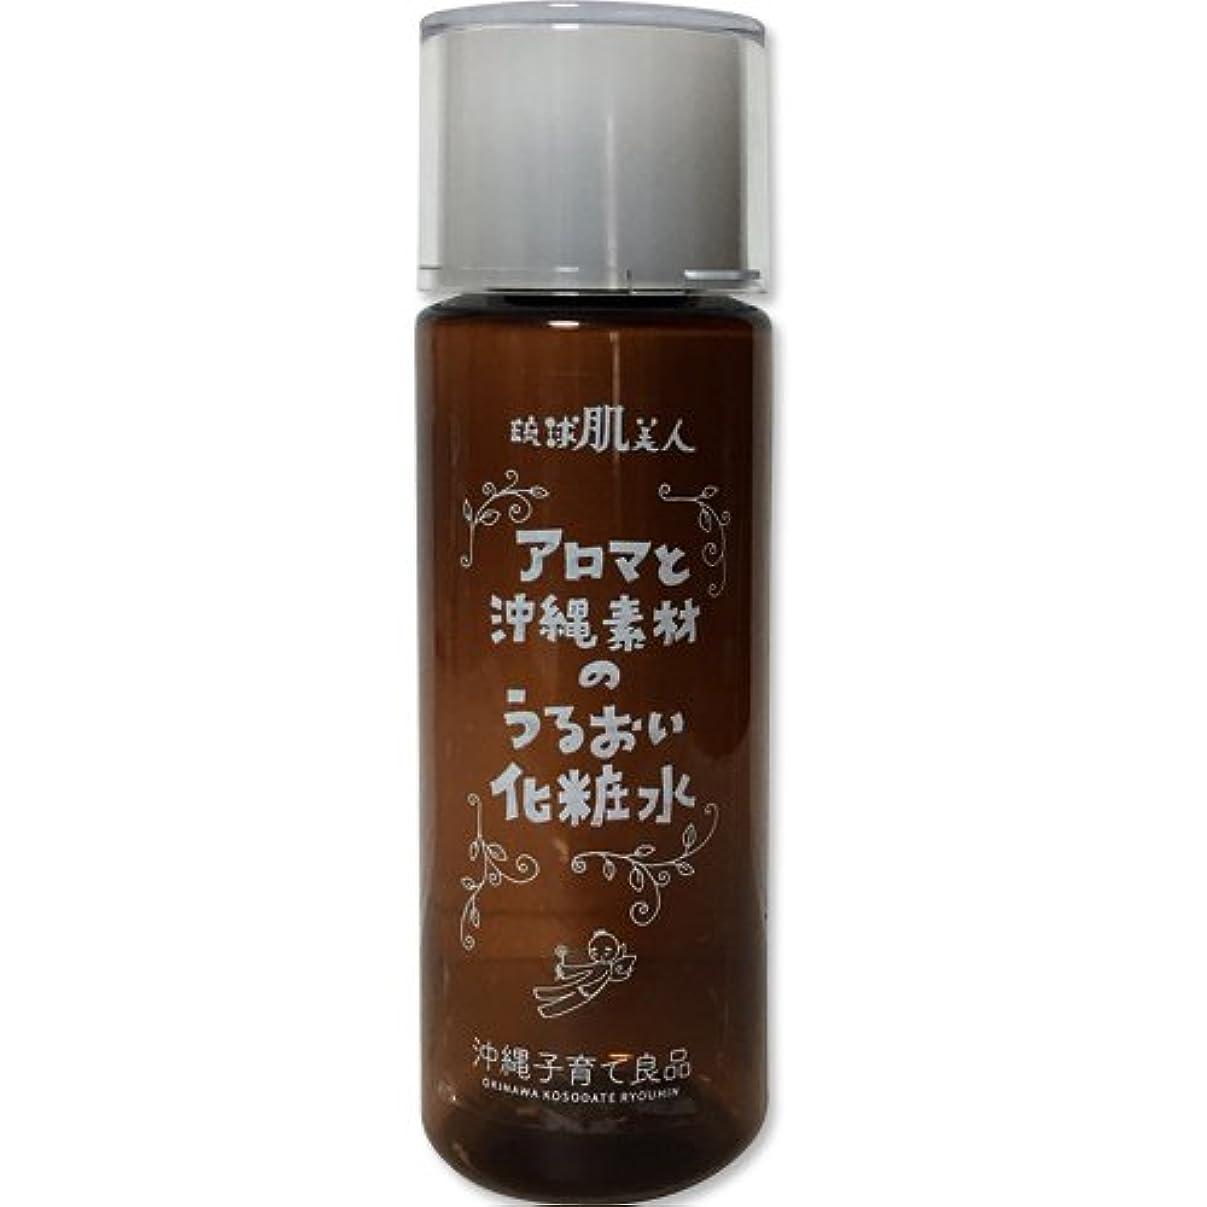 効果的素敵な瞑想する保湿 化粧水 無添加 アルコールフリー アロマと沖縄素材のうるおい化粧水 120ml